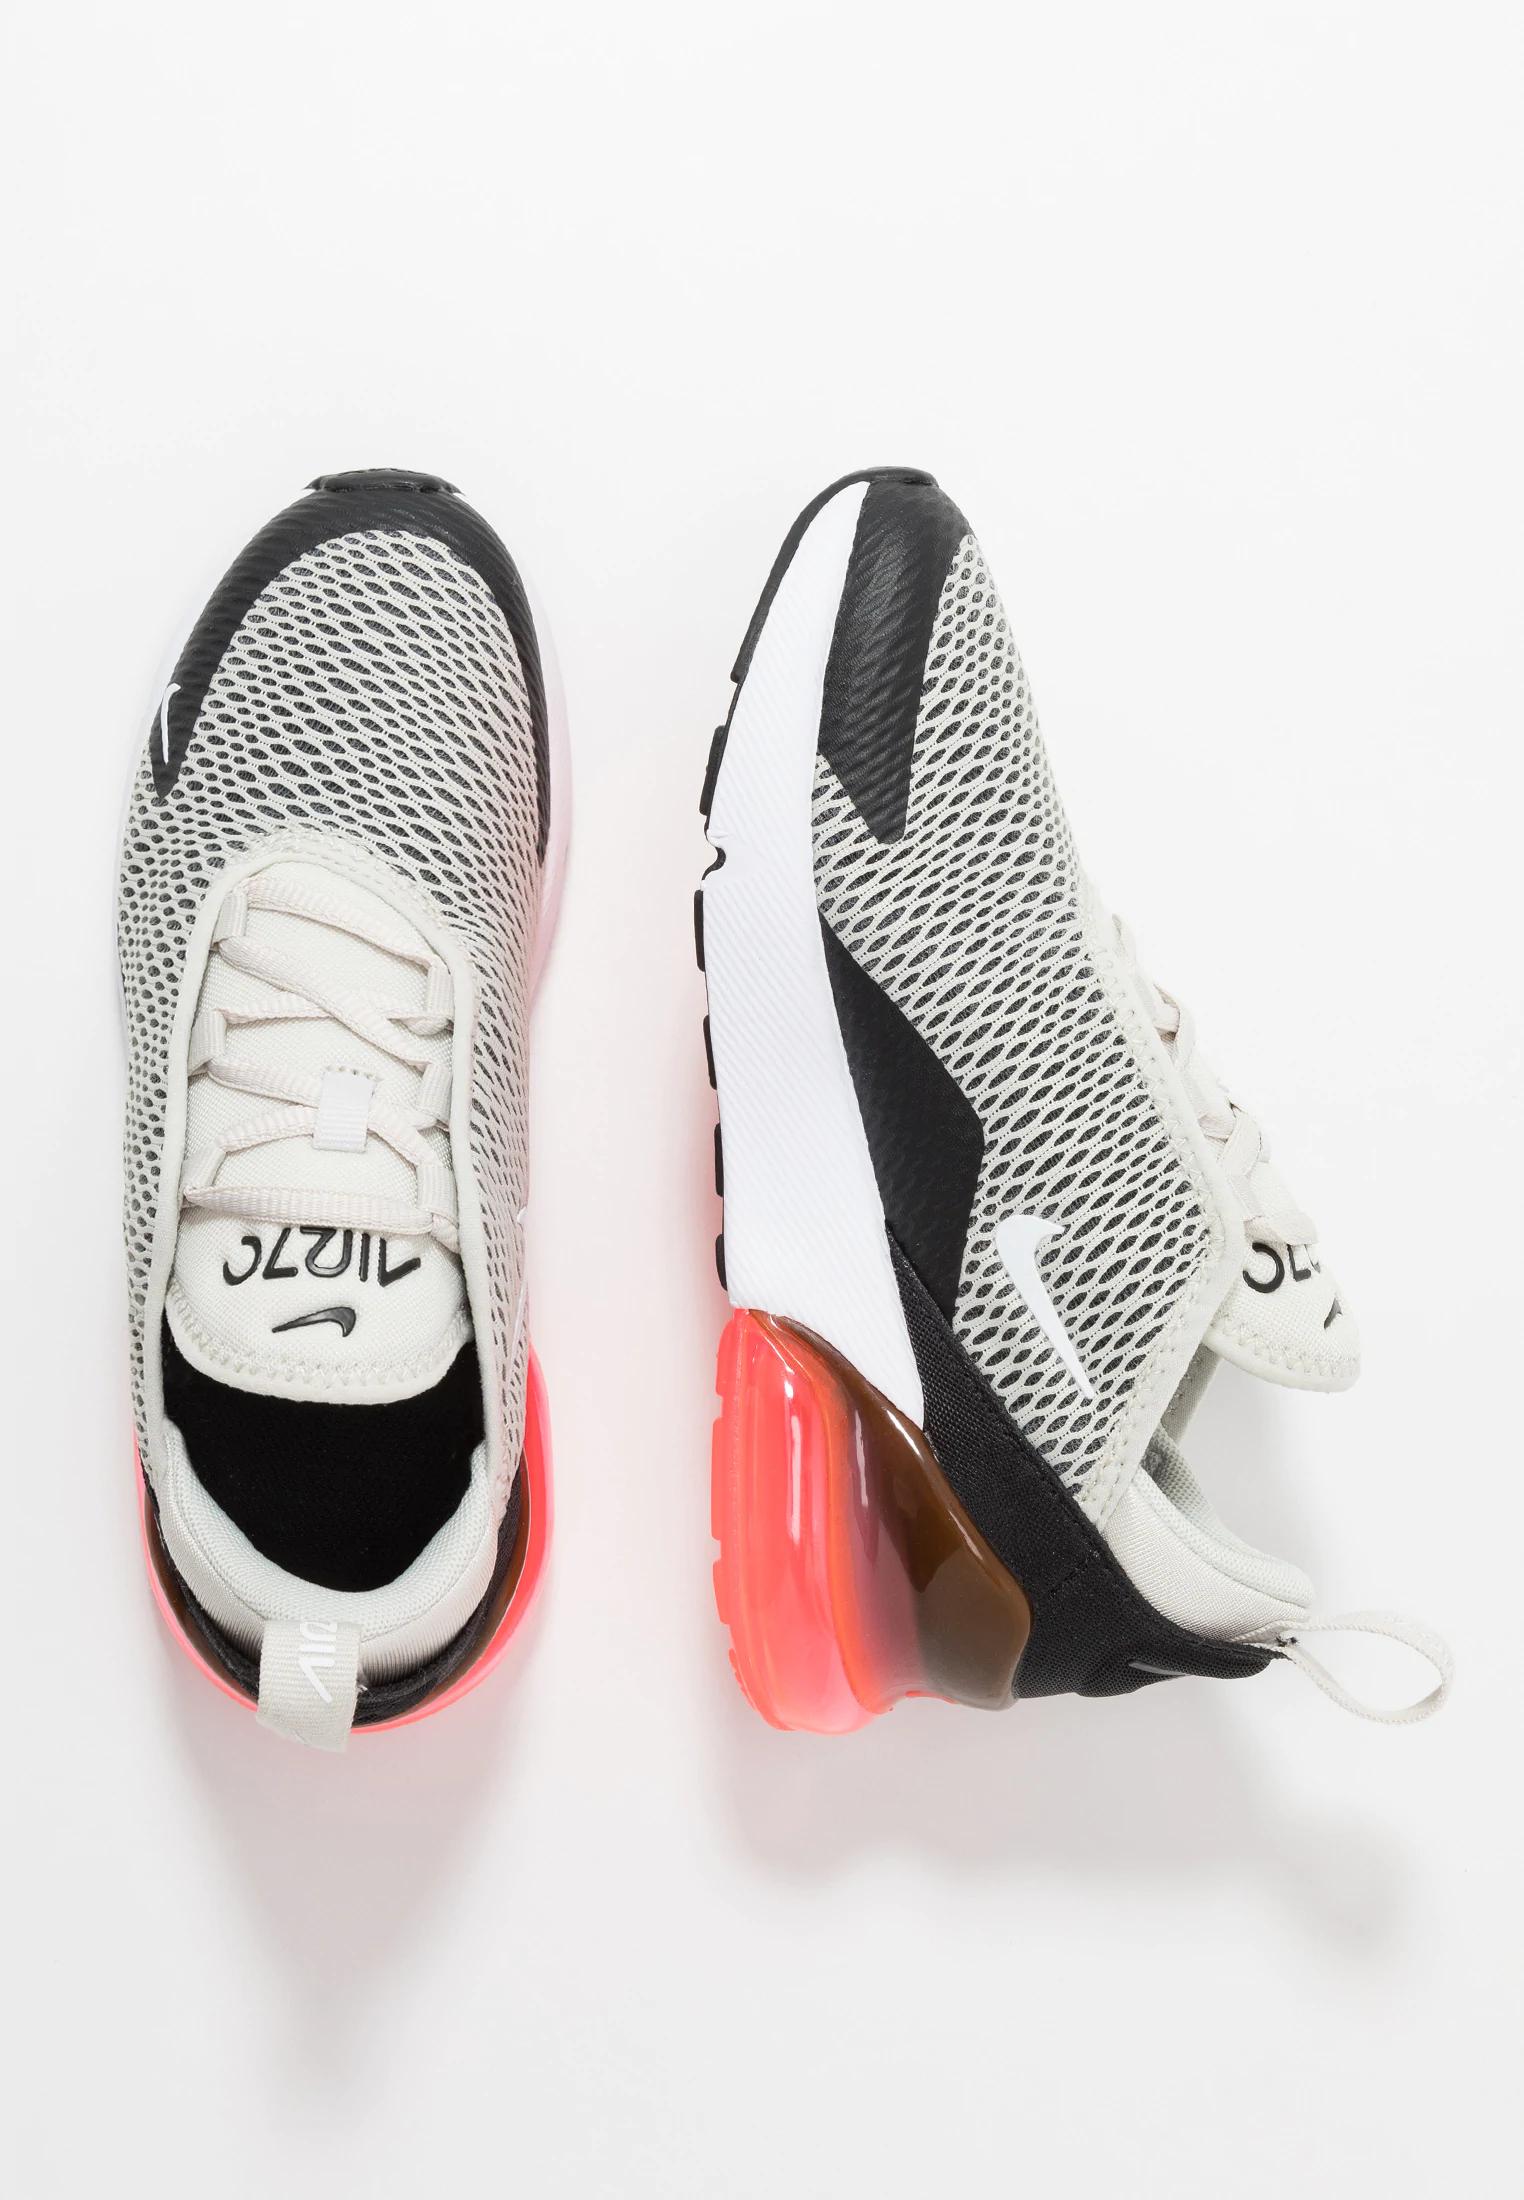 Baskets Nike Sportswear Air Max 270 pour Enfants - Tailles 28 à 31.5